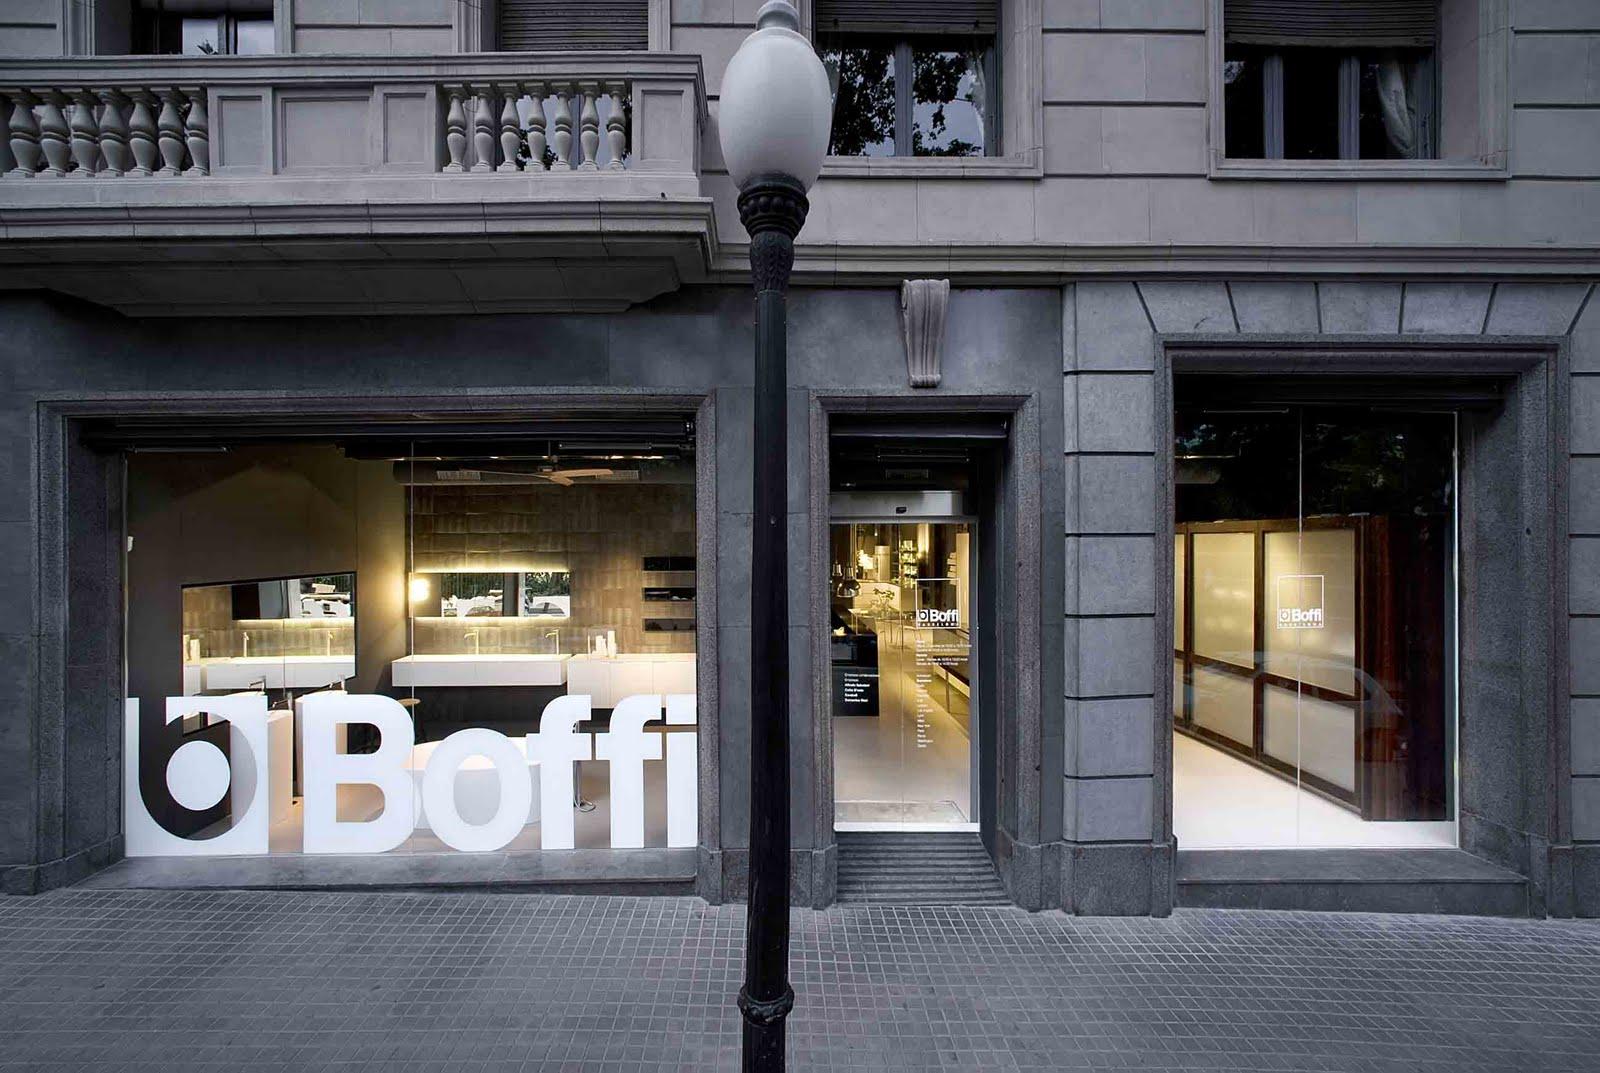 La firma italiana boffi abre su primera tienda propia en - Remates de muebles de cocina ...